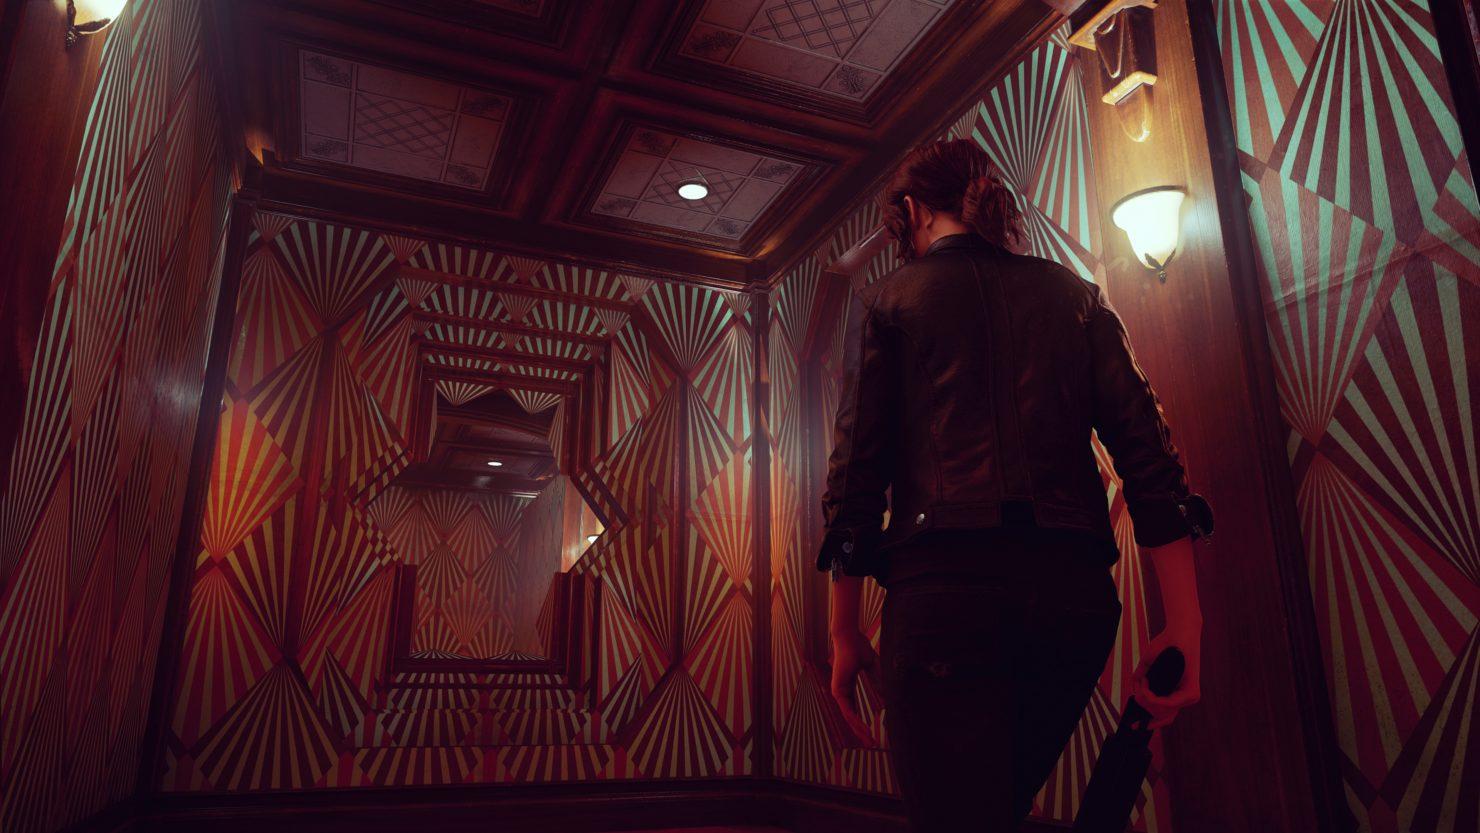 开发商称《量子破碎》是主流而《控制》将回归古怪